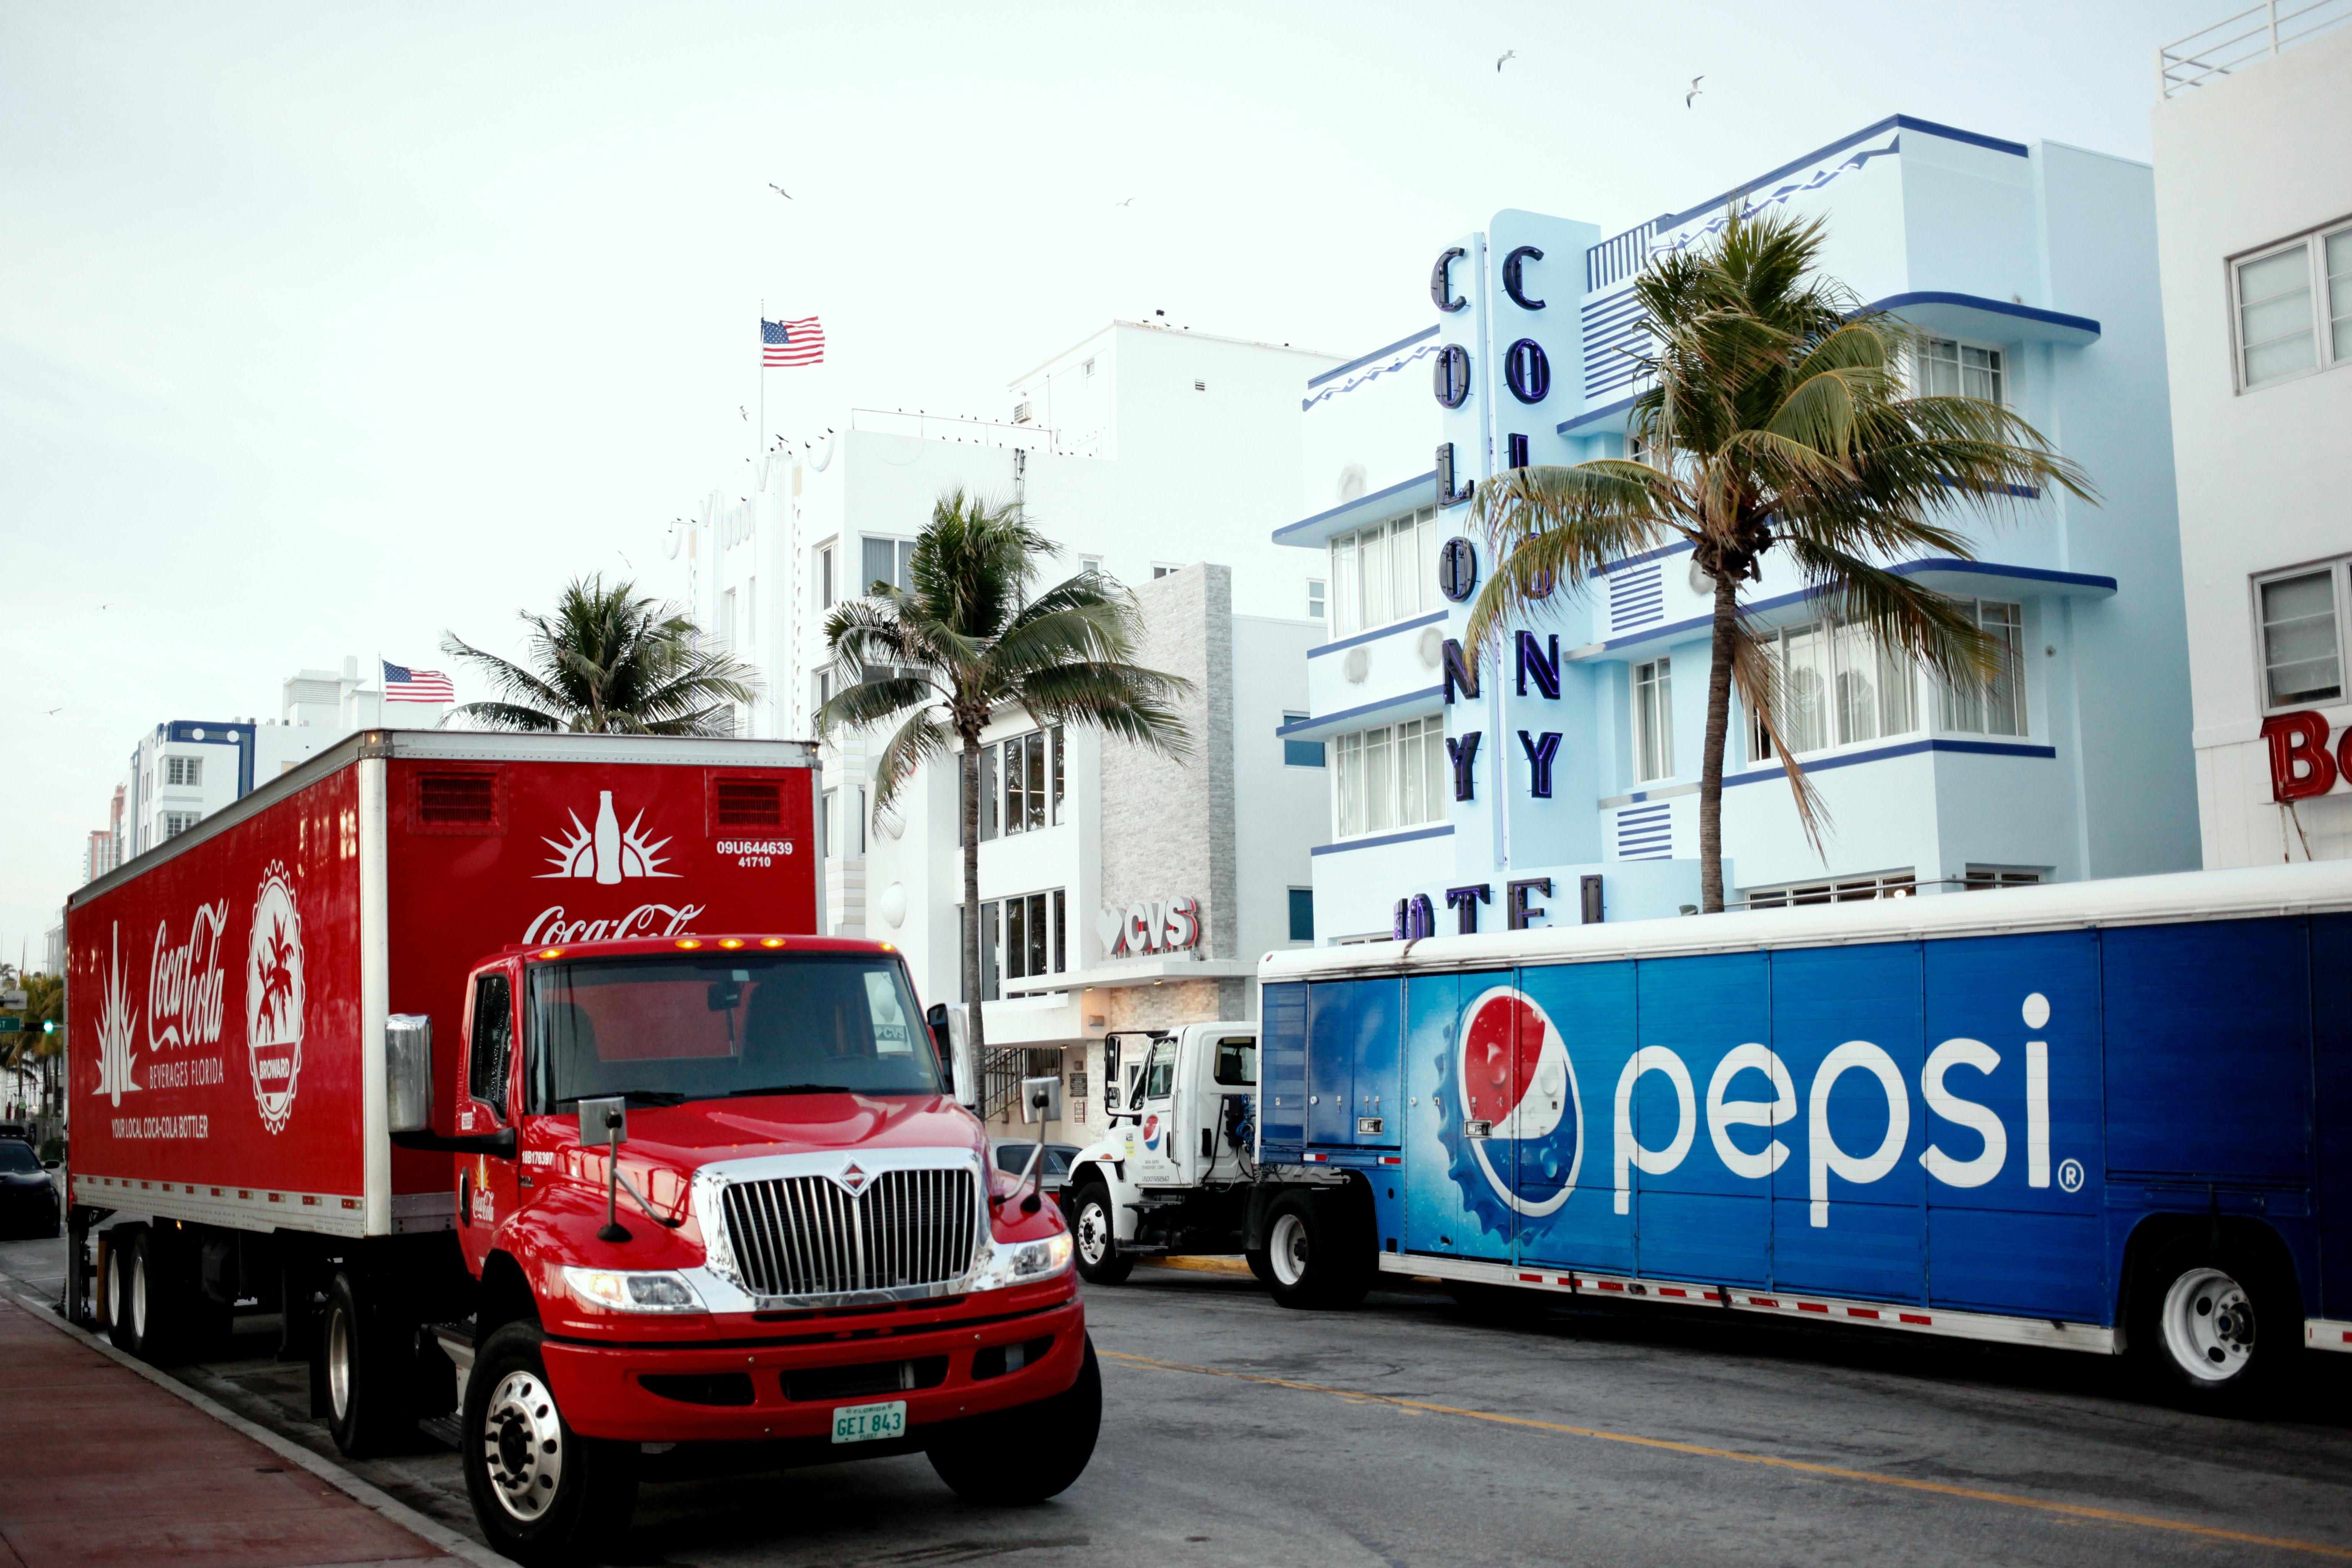 coca-cola-truck-and-pepsi-call